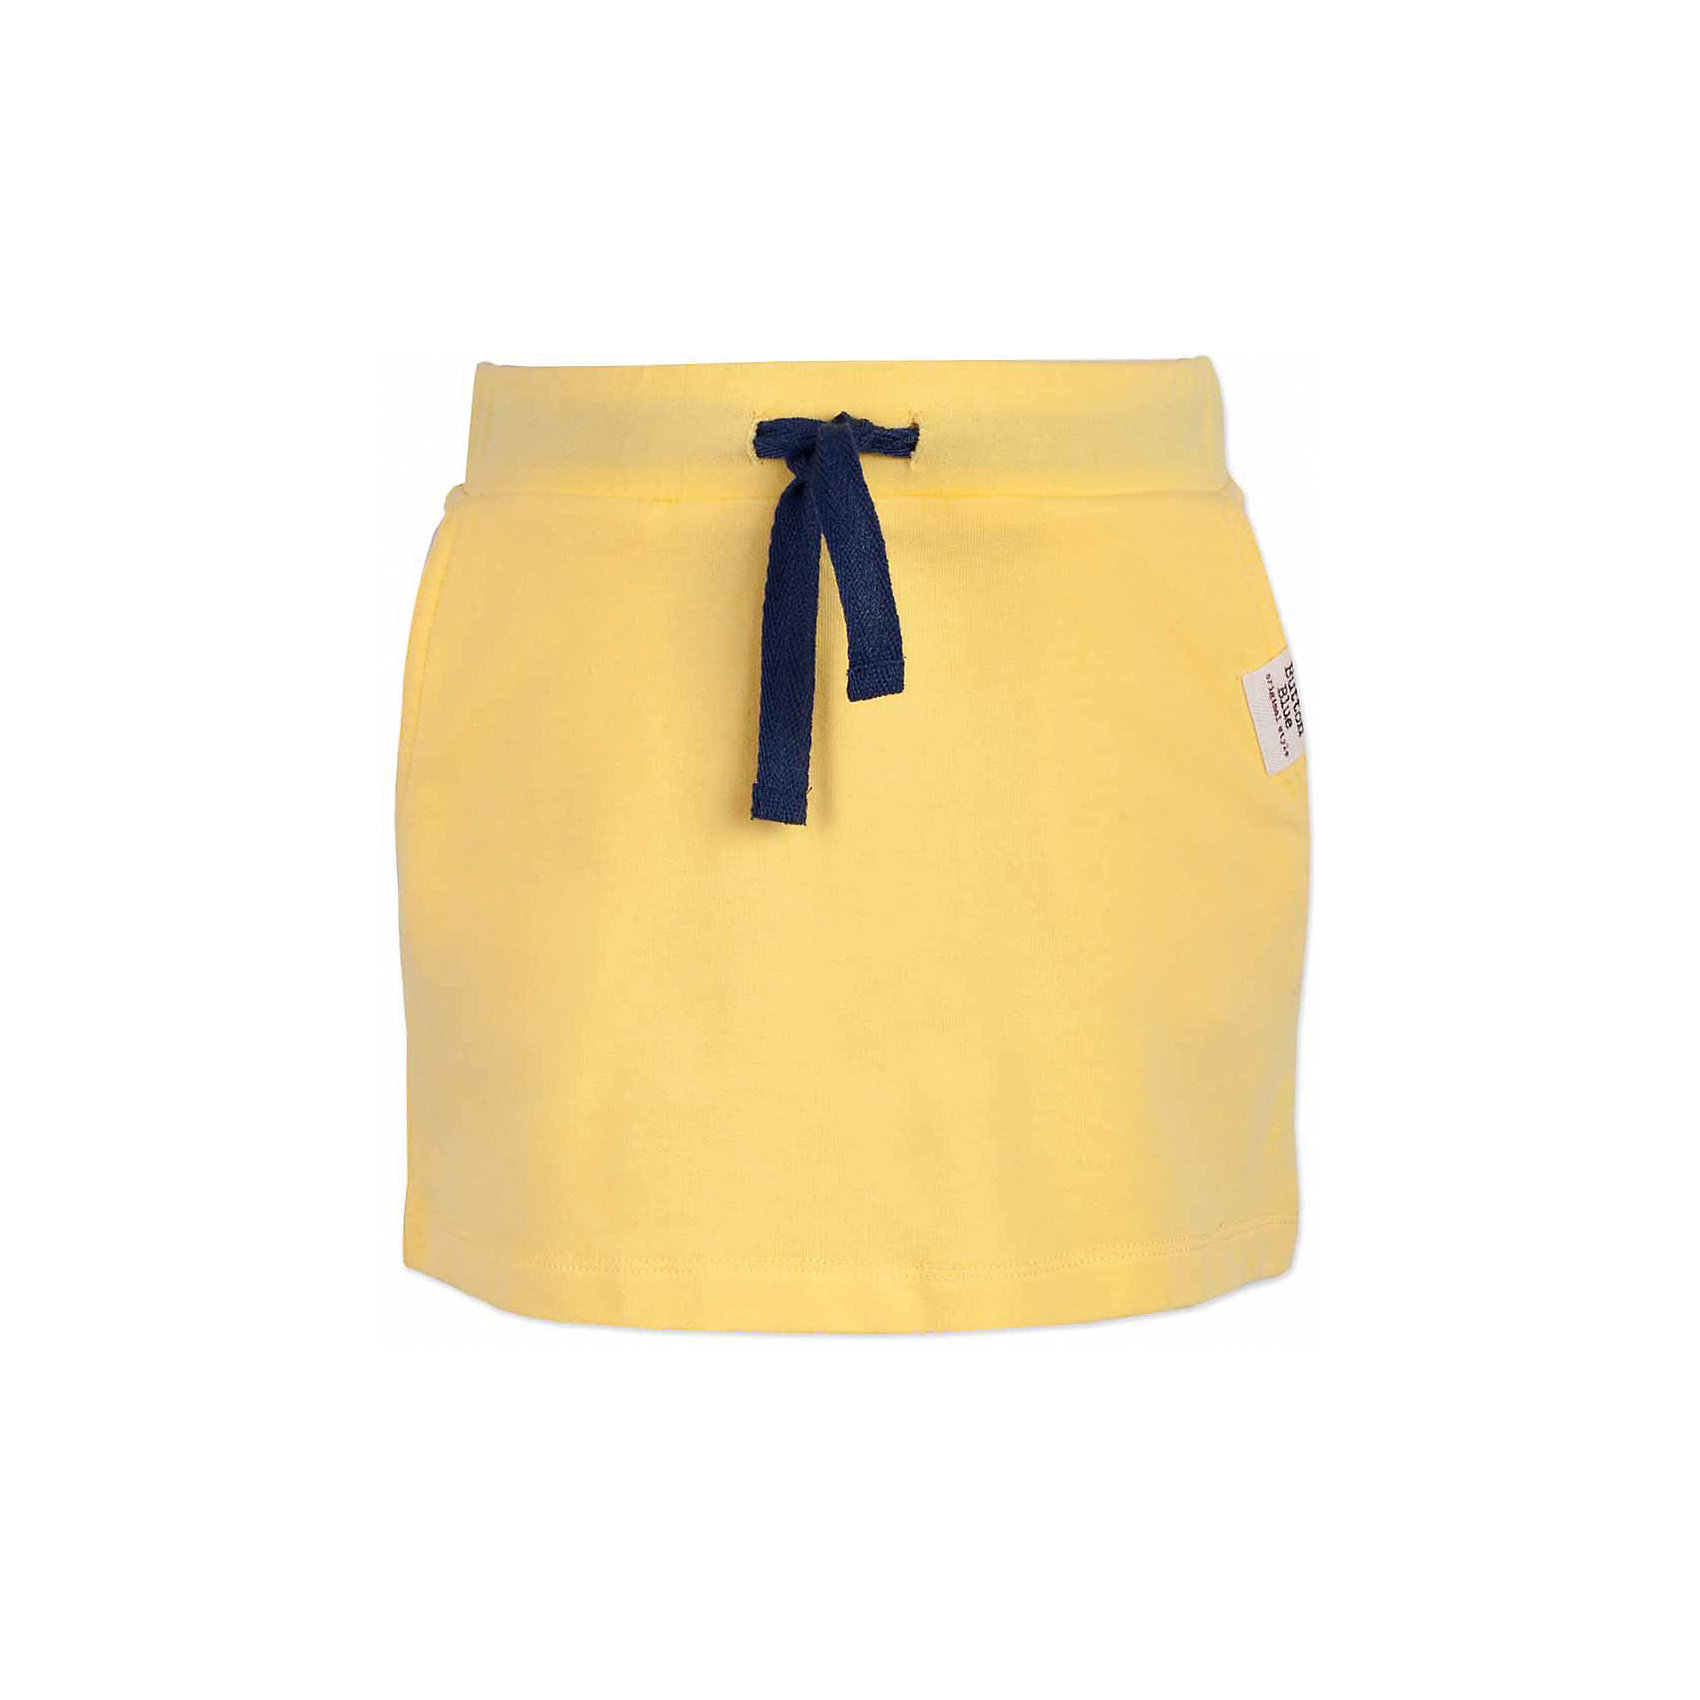 Юбка для девочки  BUTTON BLUEЮбки<br>Юбка для девочки  BUTTON BLUE<br>Не один детский гардероб не обойдется без летней юбки. А если она еще и красива, и удобна, и продается по доступной цене, эта юбка девочке просто необходима! Если вы хотите купить стильную трикотажную юбку недорого, не сомневаясь в ее качестве, комфорте и высоких потребительских свойствах, эта симпатичная модель в спортивном стиле — отличный вариант!<br>Состав:<br>60% хлопок 40% полиэстер<br><br>Ширина мм: 207<br>Глубина мм: 10<br>Высота мм: 189<br>Вес г: 183<br>Цвет: желтый<br>Возраст от месяцев: 144<br>Возраст до месяцев: 156<br>Пол: Женский<br>Возраст: Детский<br>Размер: 158,98,104,110,116,122,128,134,140,146,152<br>SKU: 5523559